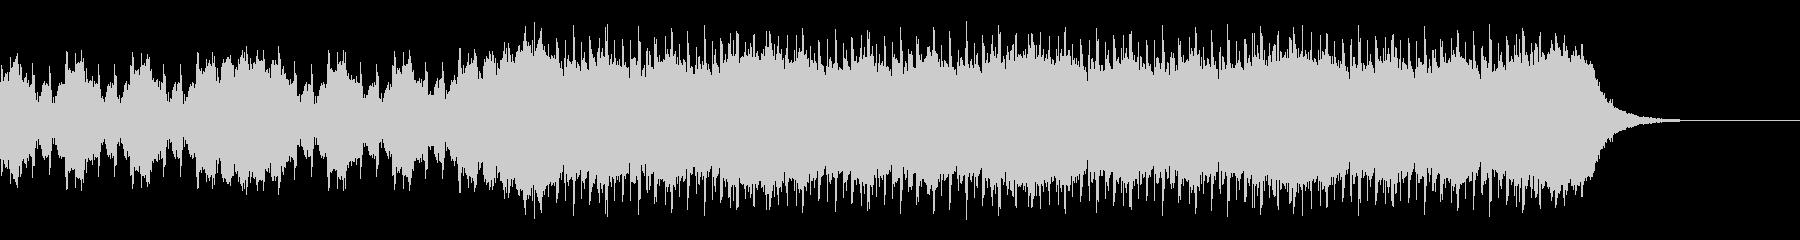 ハードテクスチャ―2の未再生の波形